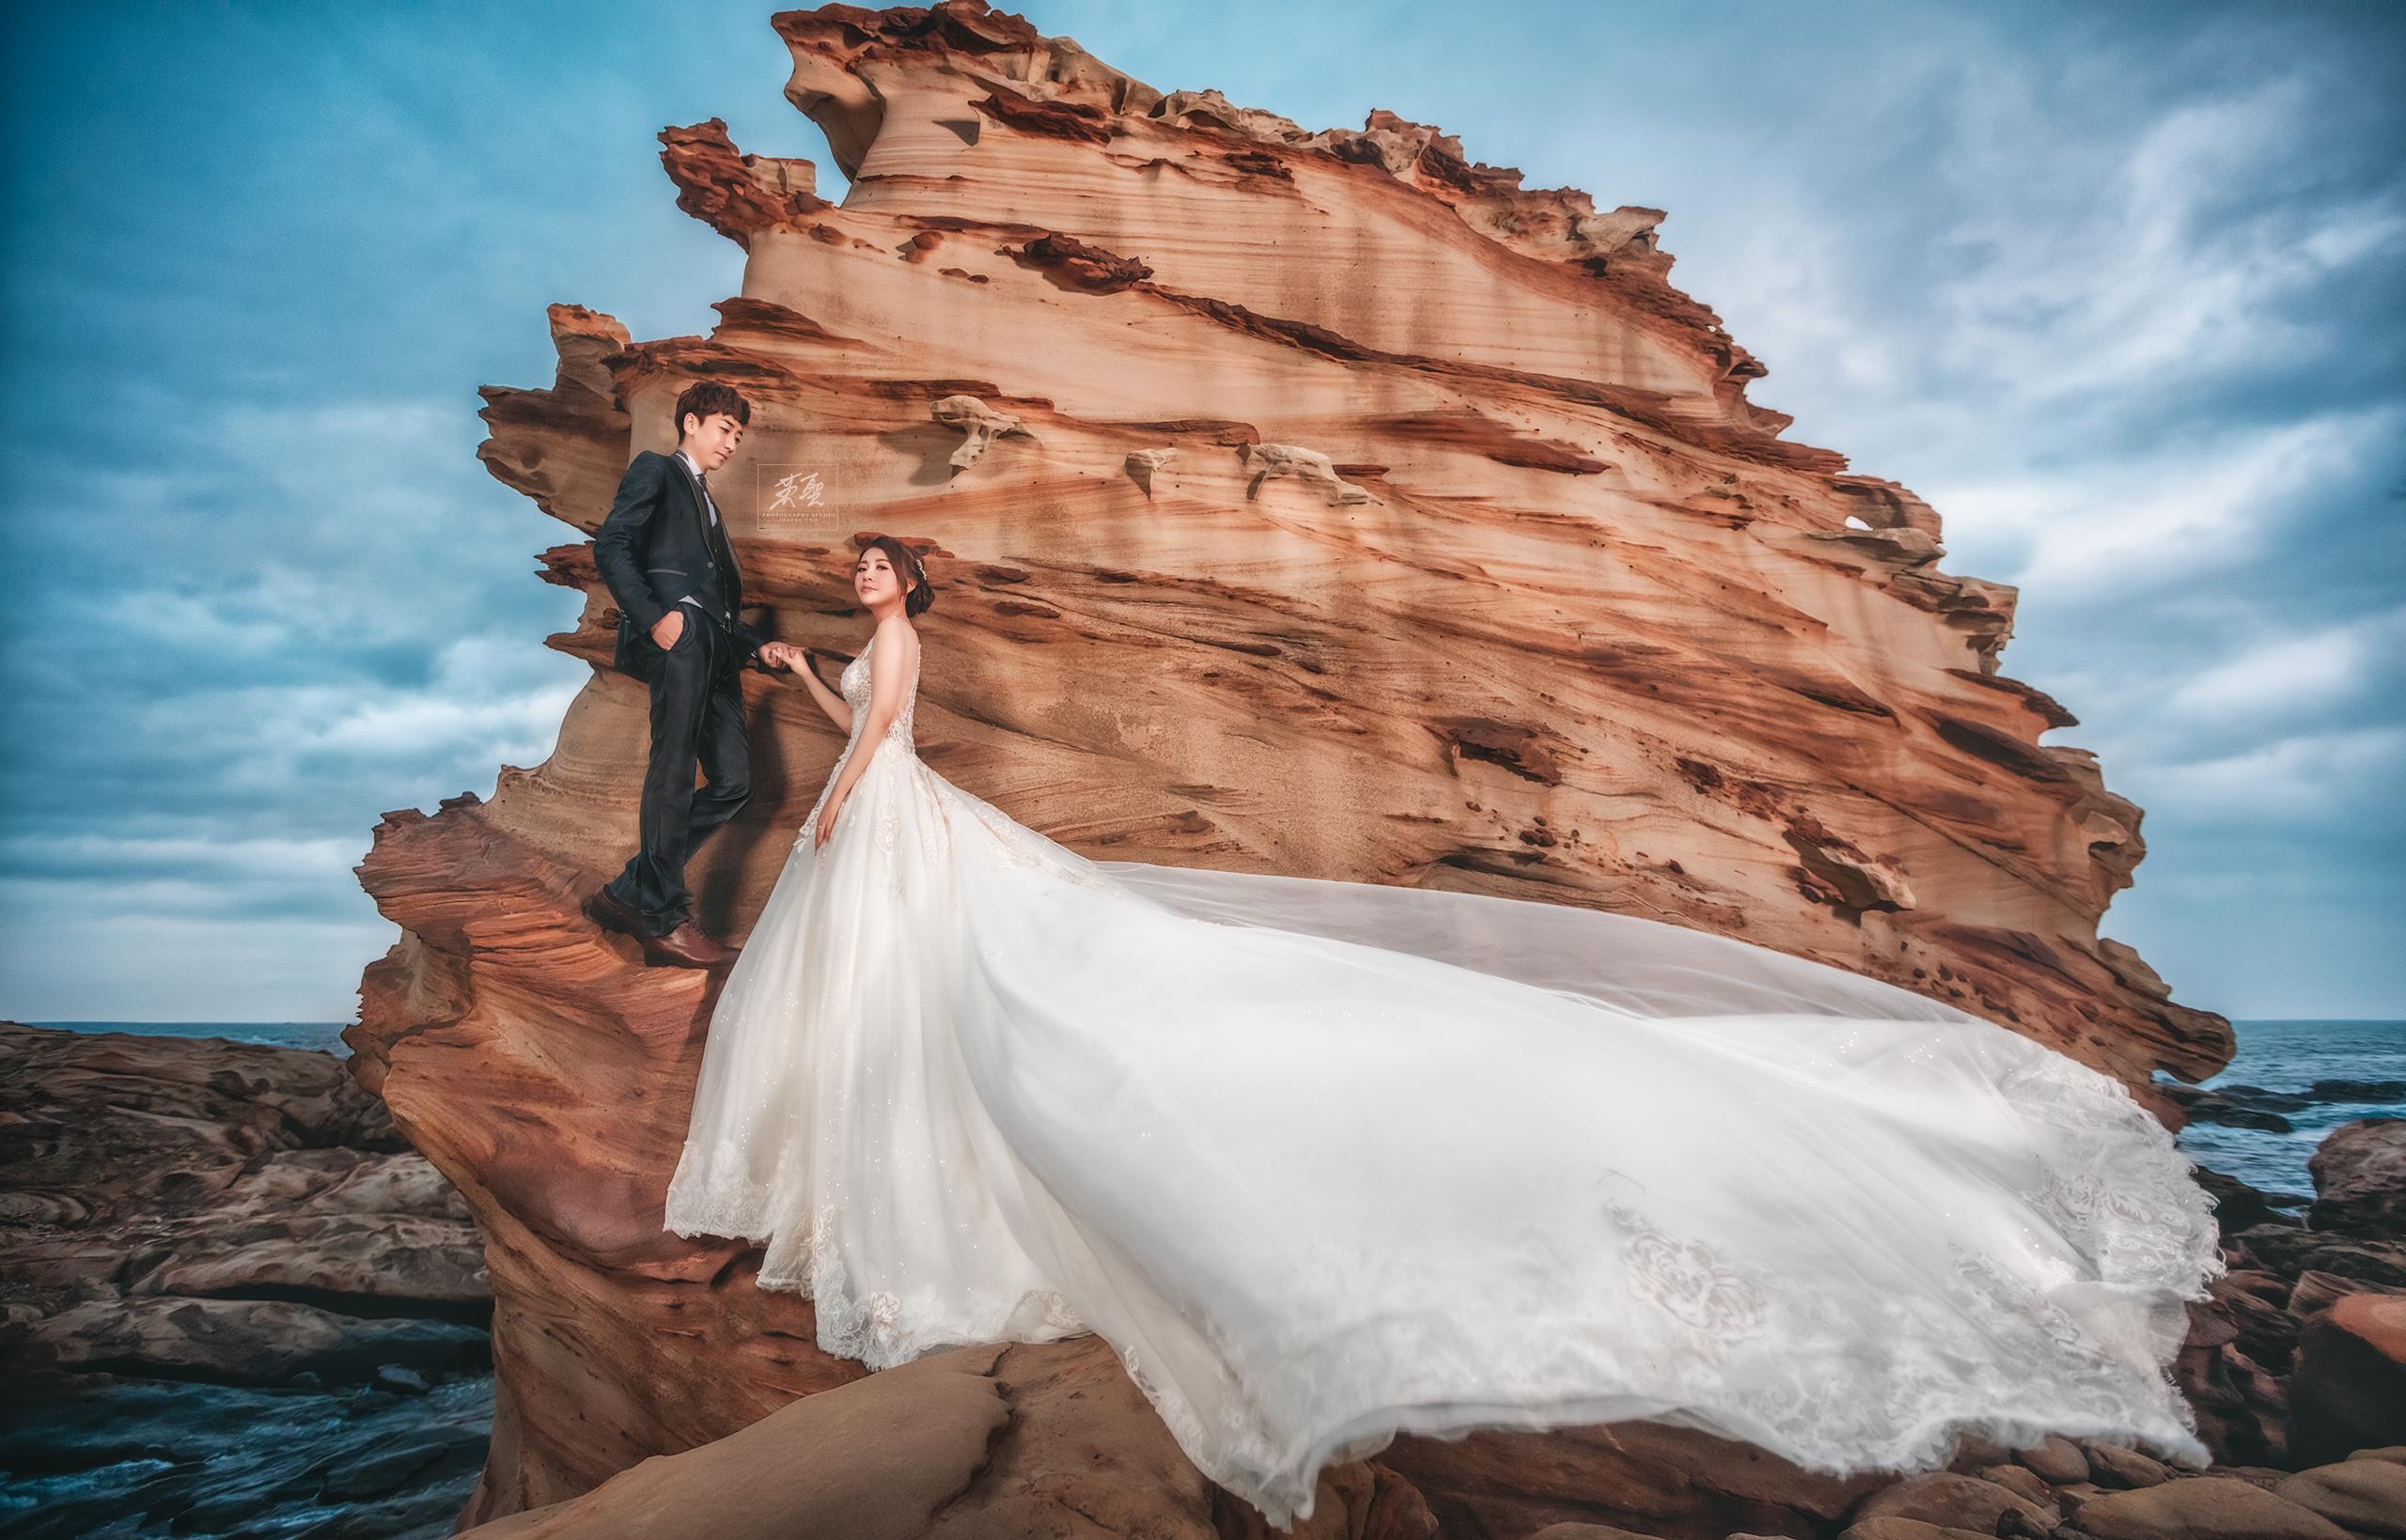 攝影: 婚攝英聖 Insan Photography 燈光: Kane Hsu 攀岩也可以一秒消失的消失哥 造型: Jessica Lin 婚錄: 哈利影像攝影工作室 HARRY IMAGE STUDIO